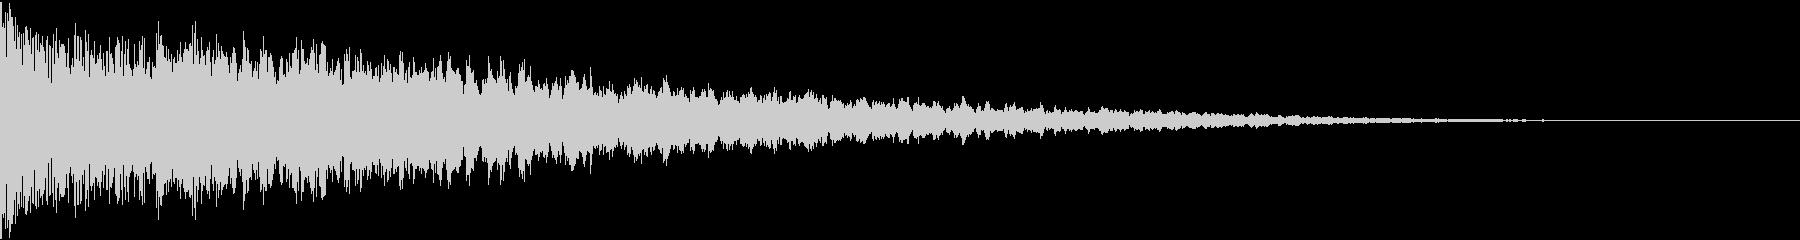 ドンとバン:都市伝説などのテロップ時2の未再生の波形